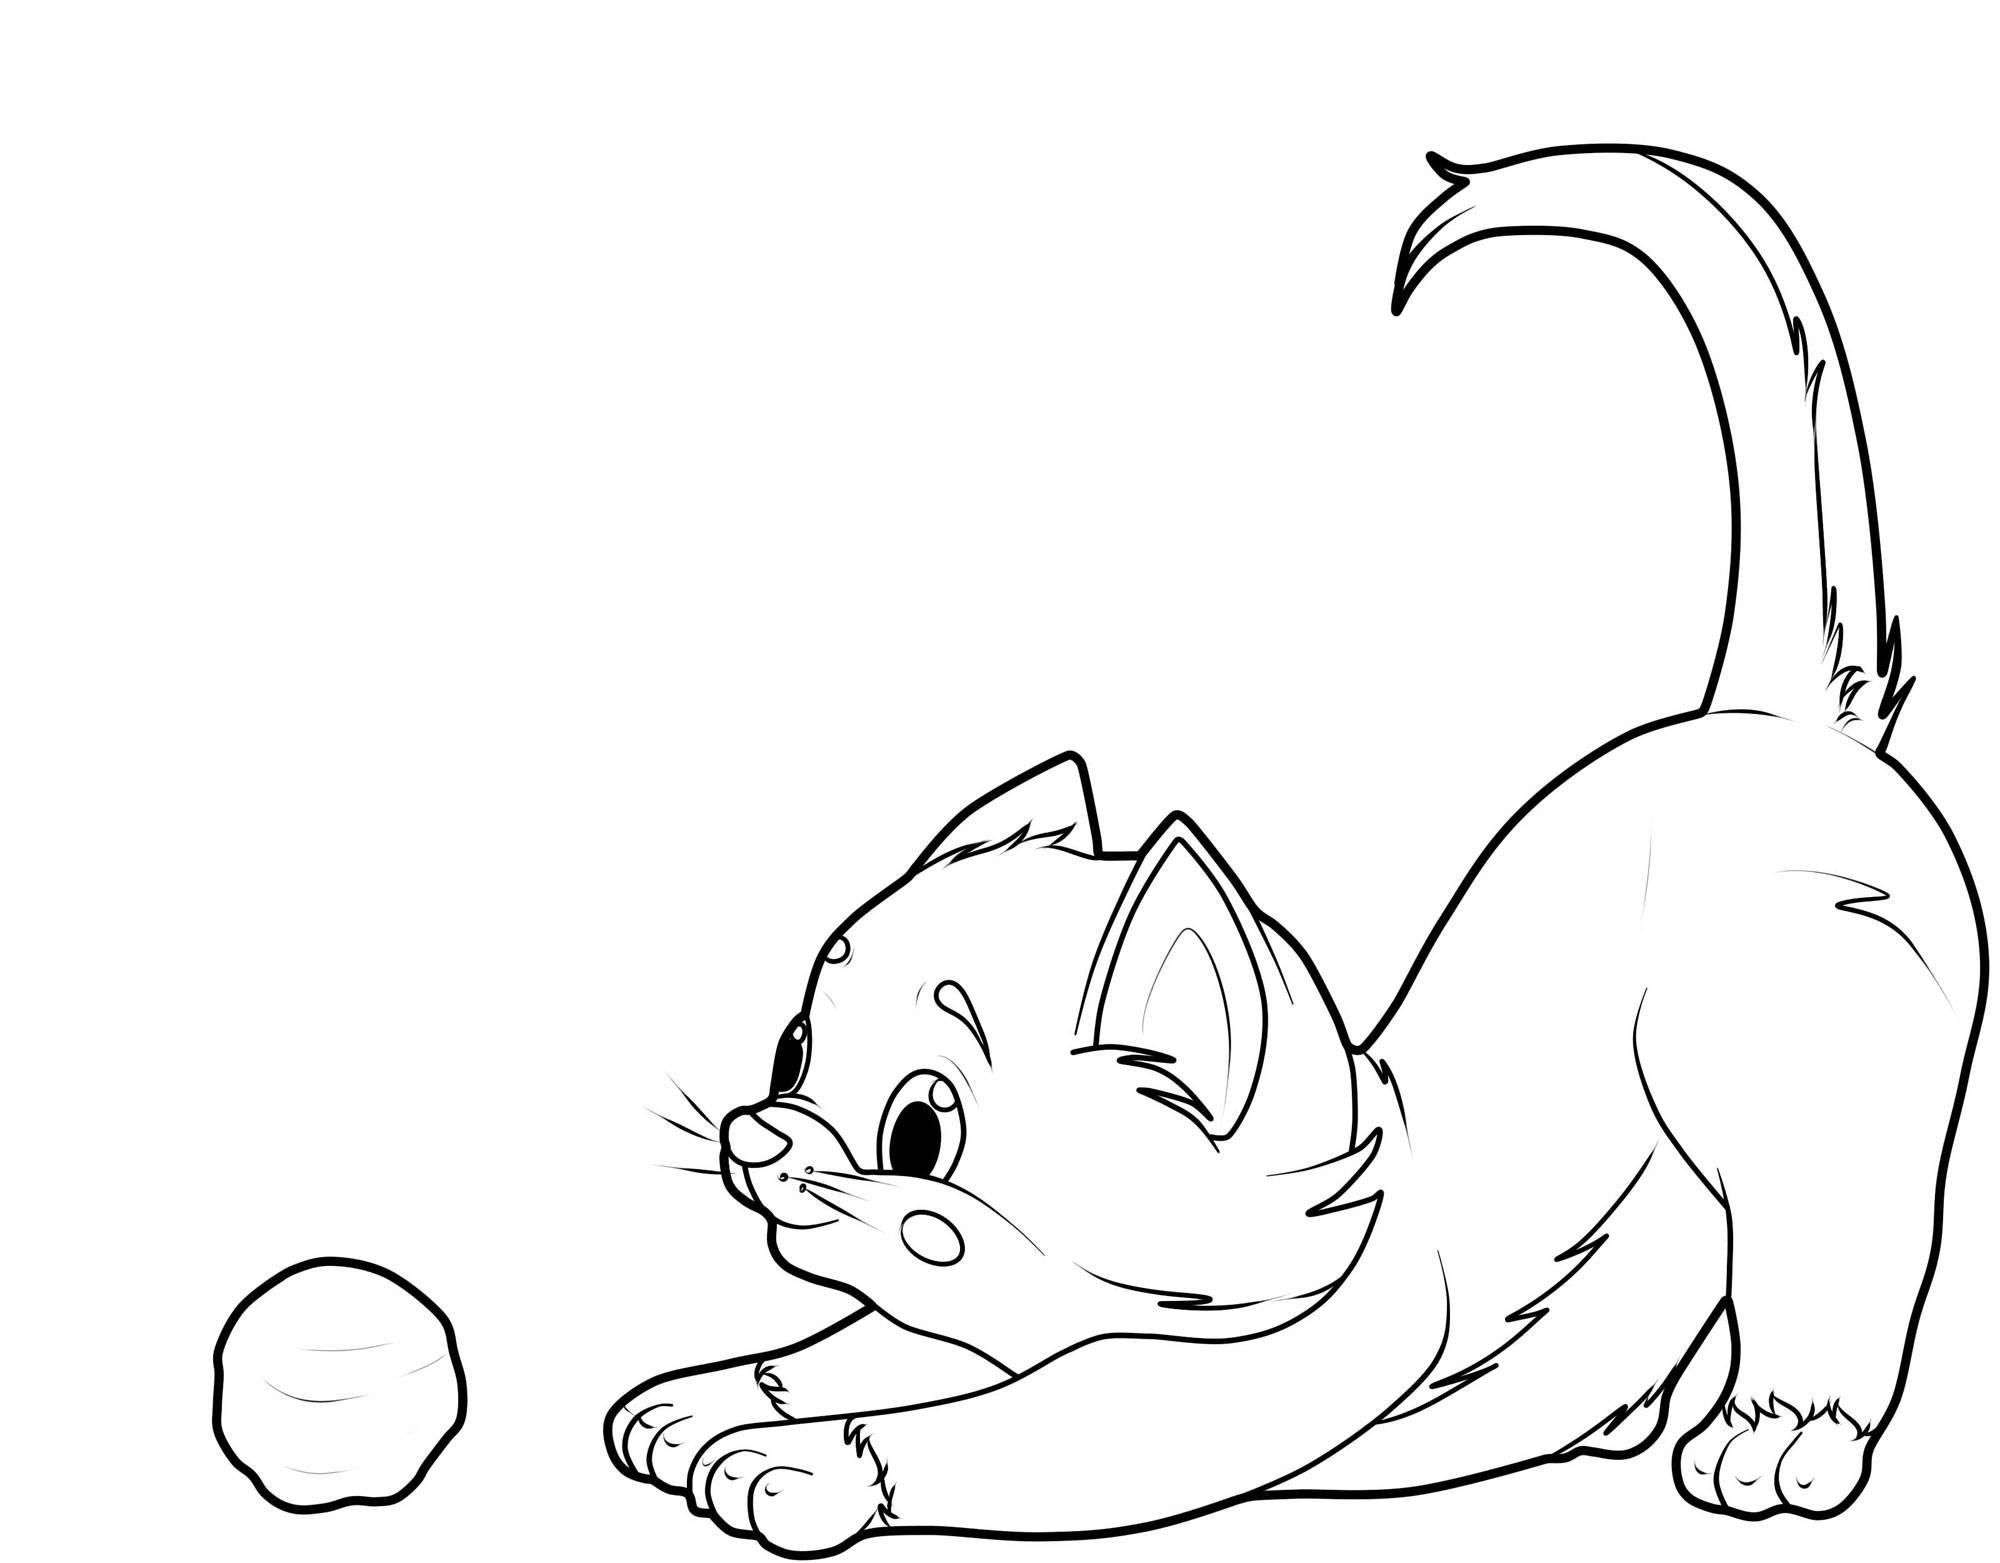 ausmalbilder katze #ausmalbilder #katze | ausmalbilder katzen